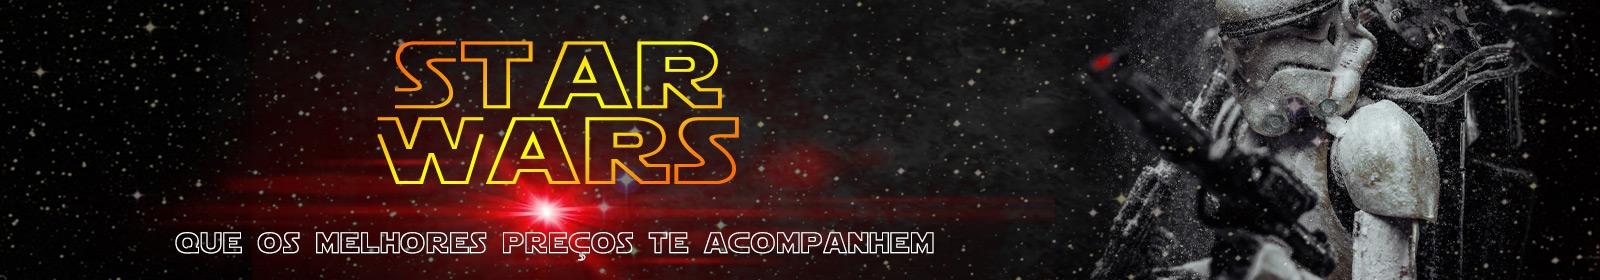 Comprar Brinquedos Star Wars | Envios GRATIS desde 49€